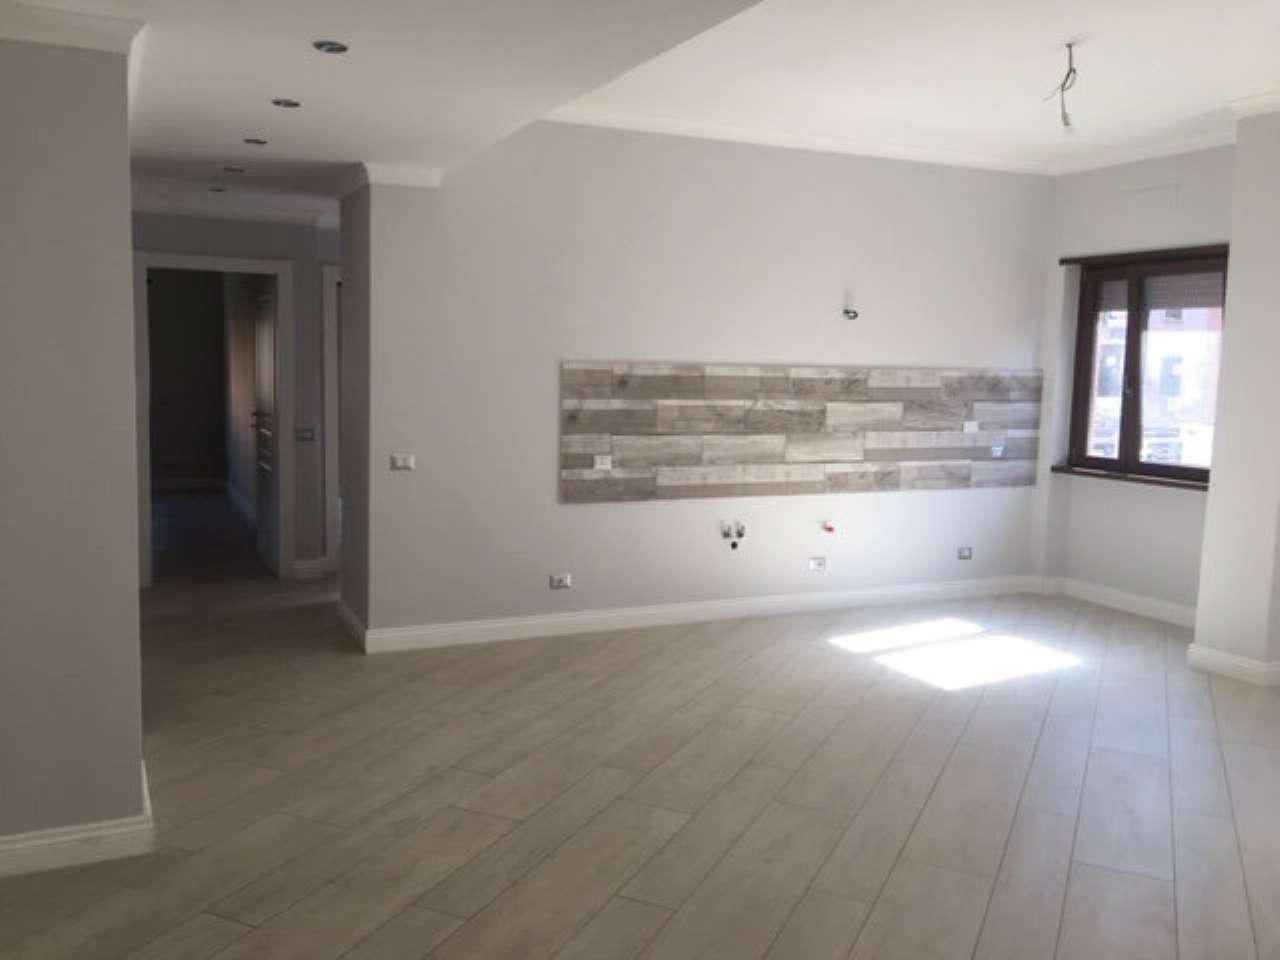 Appartamento in vendita a Roma, 3 locali, zona Zona: 11 . Centocelle, Alessandrino, Collatino, Prenestina, Villa Giordani, prezzo € 269.000 | CambioCasa.it